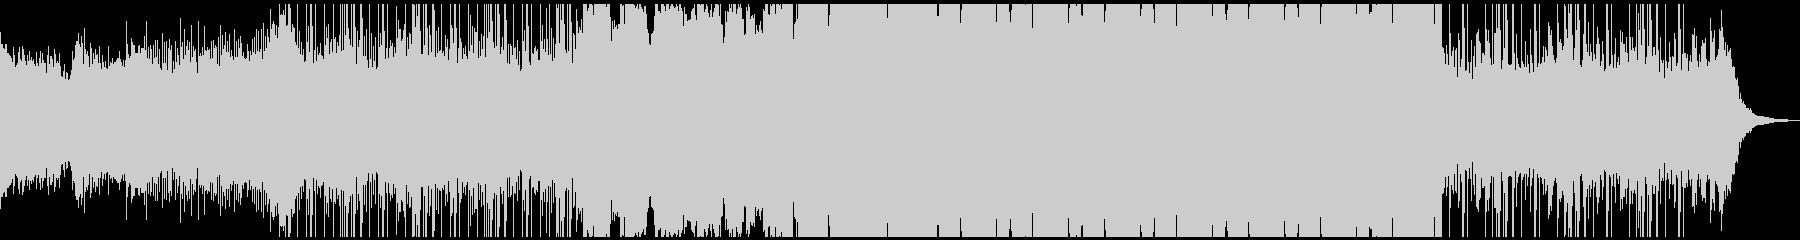 今っぽいサウンドのFutureBassの未再生の波形